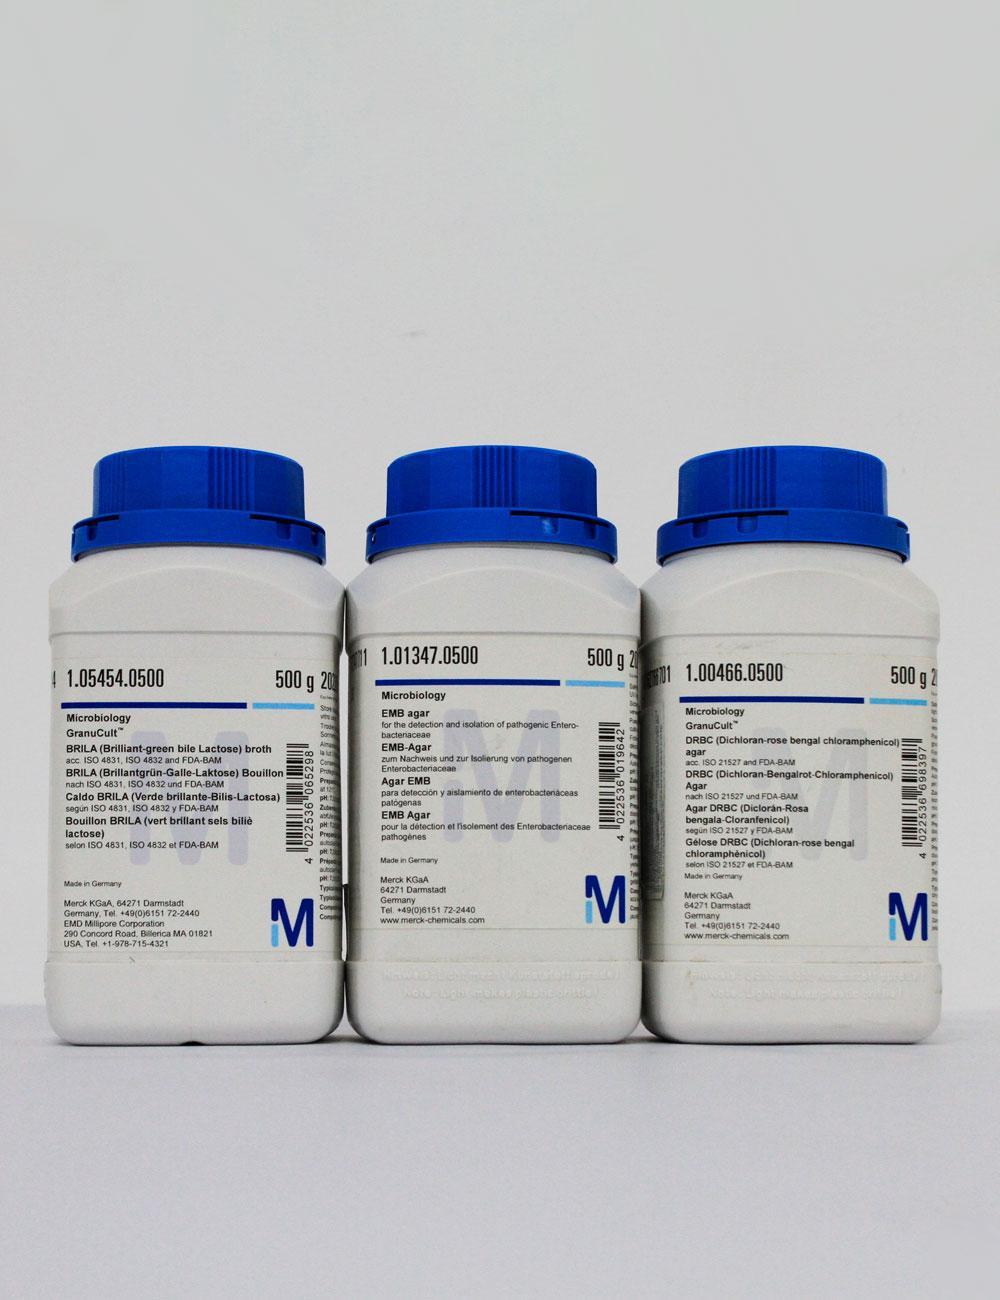 MYP (Mannitol egg yolk polymyxin) agar